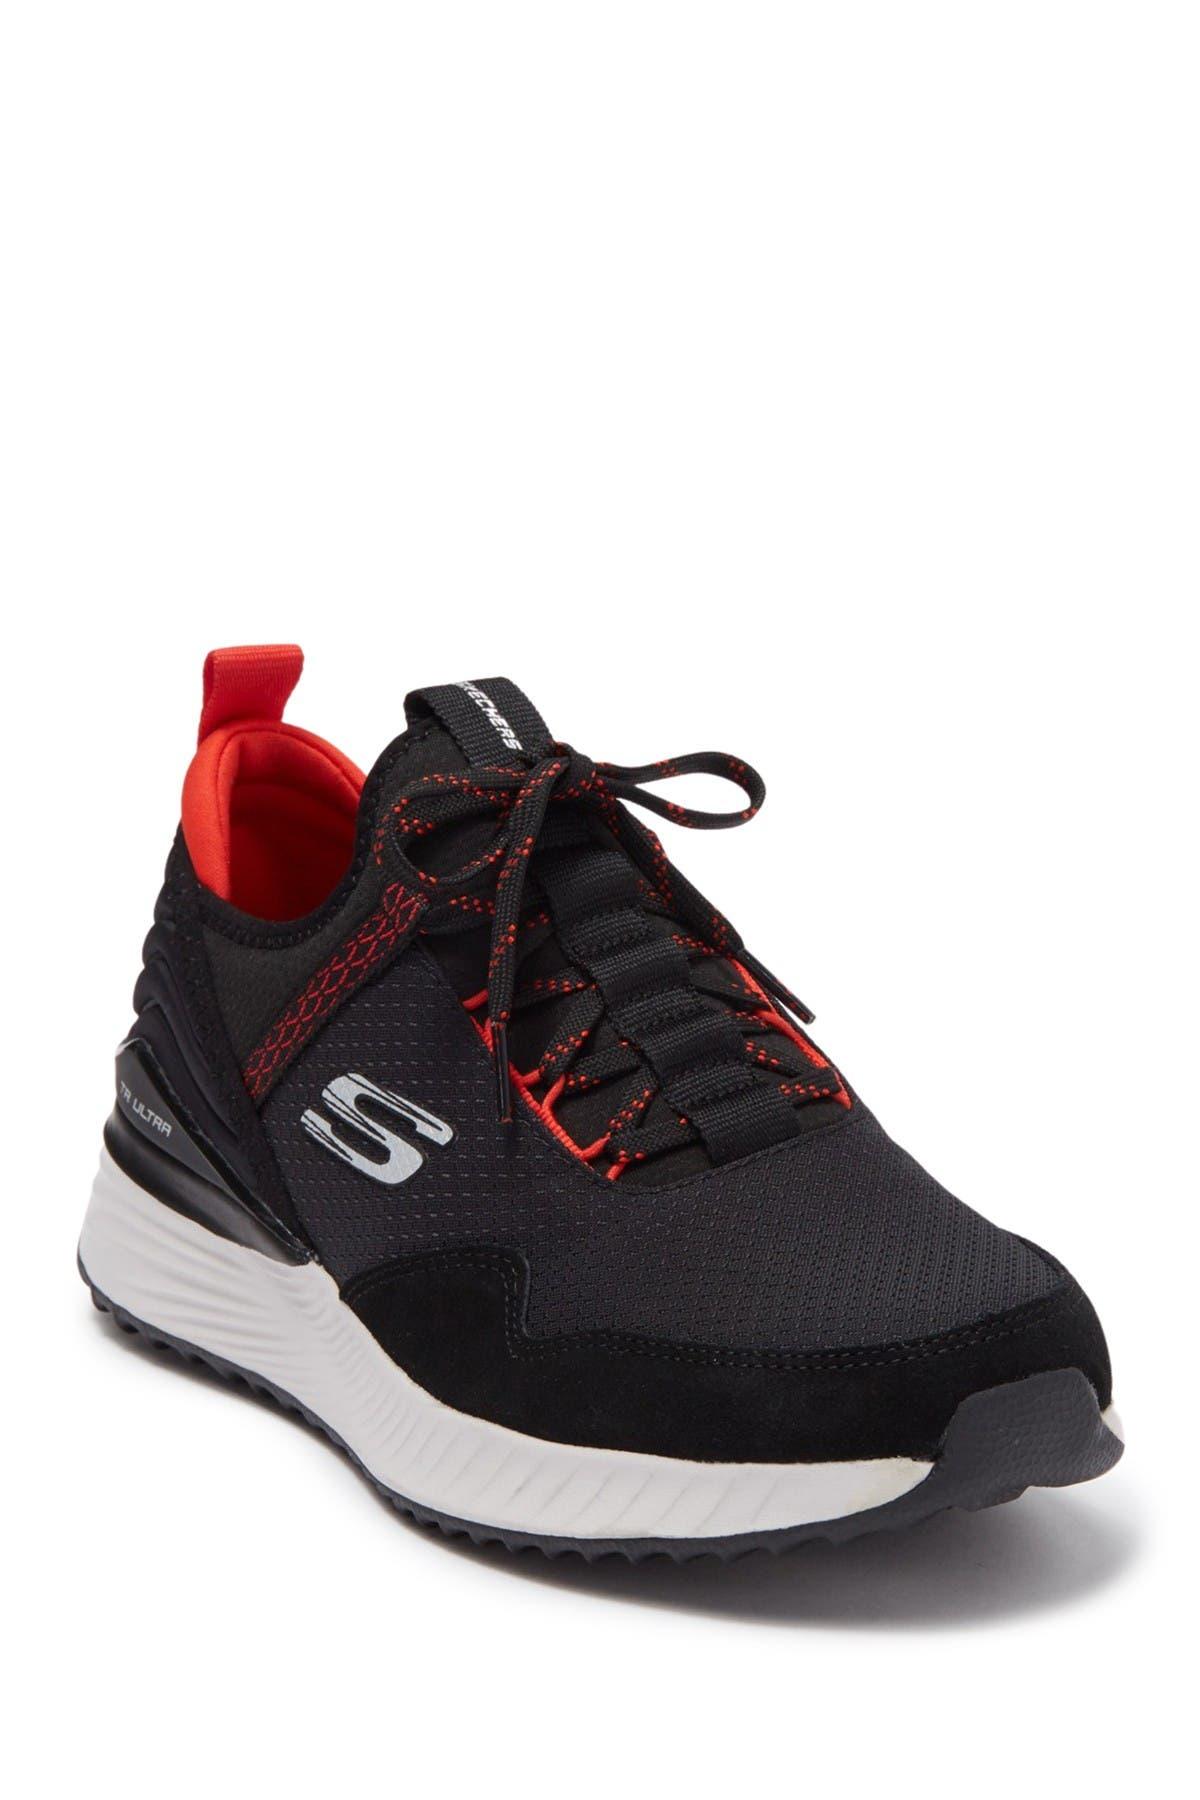 Image of Skechers TR Ultra Sneaker